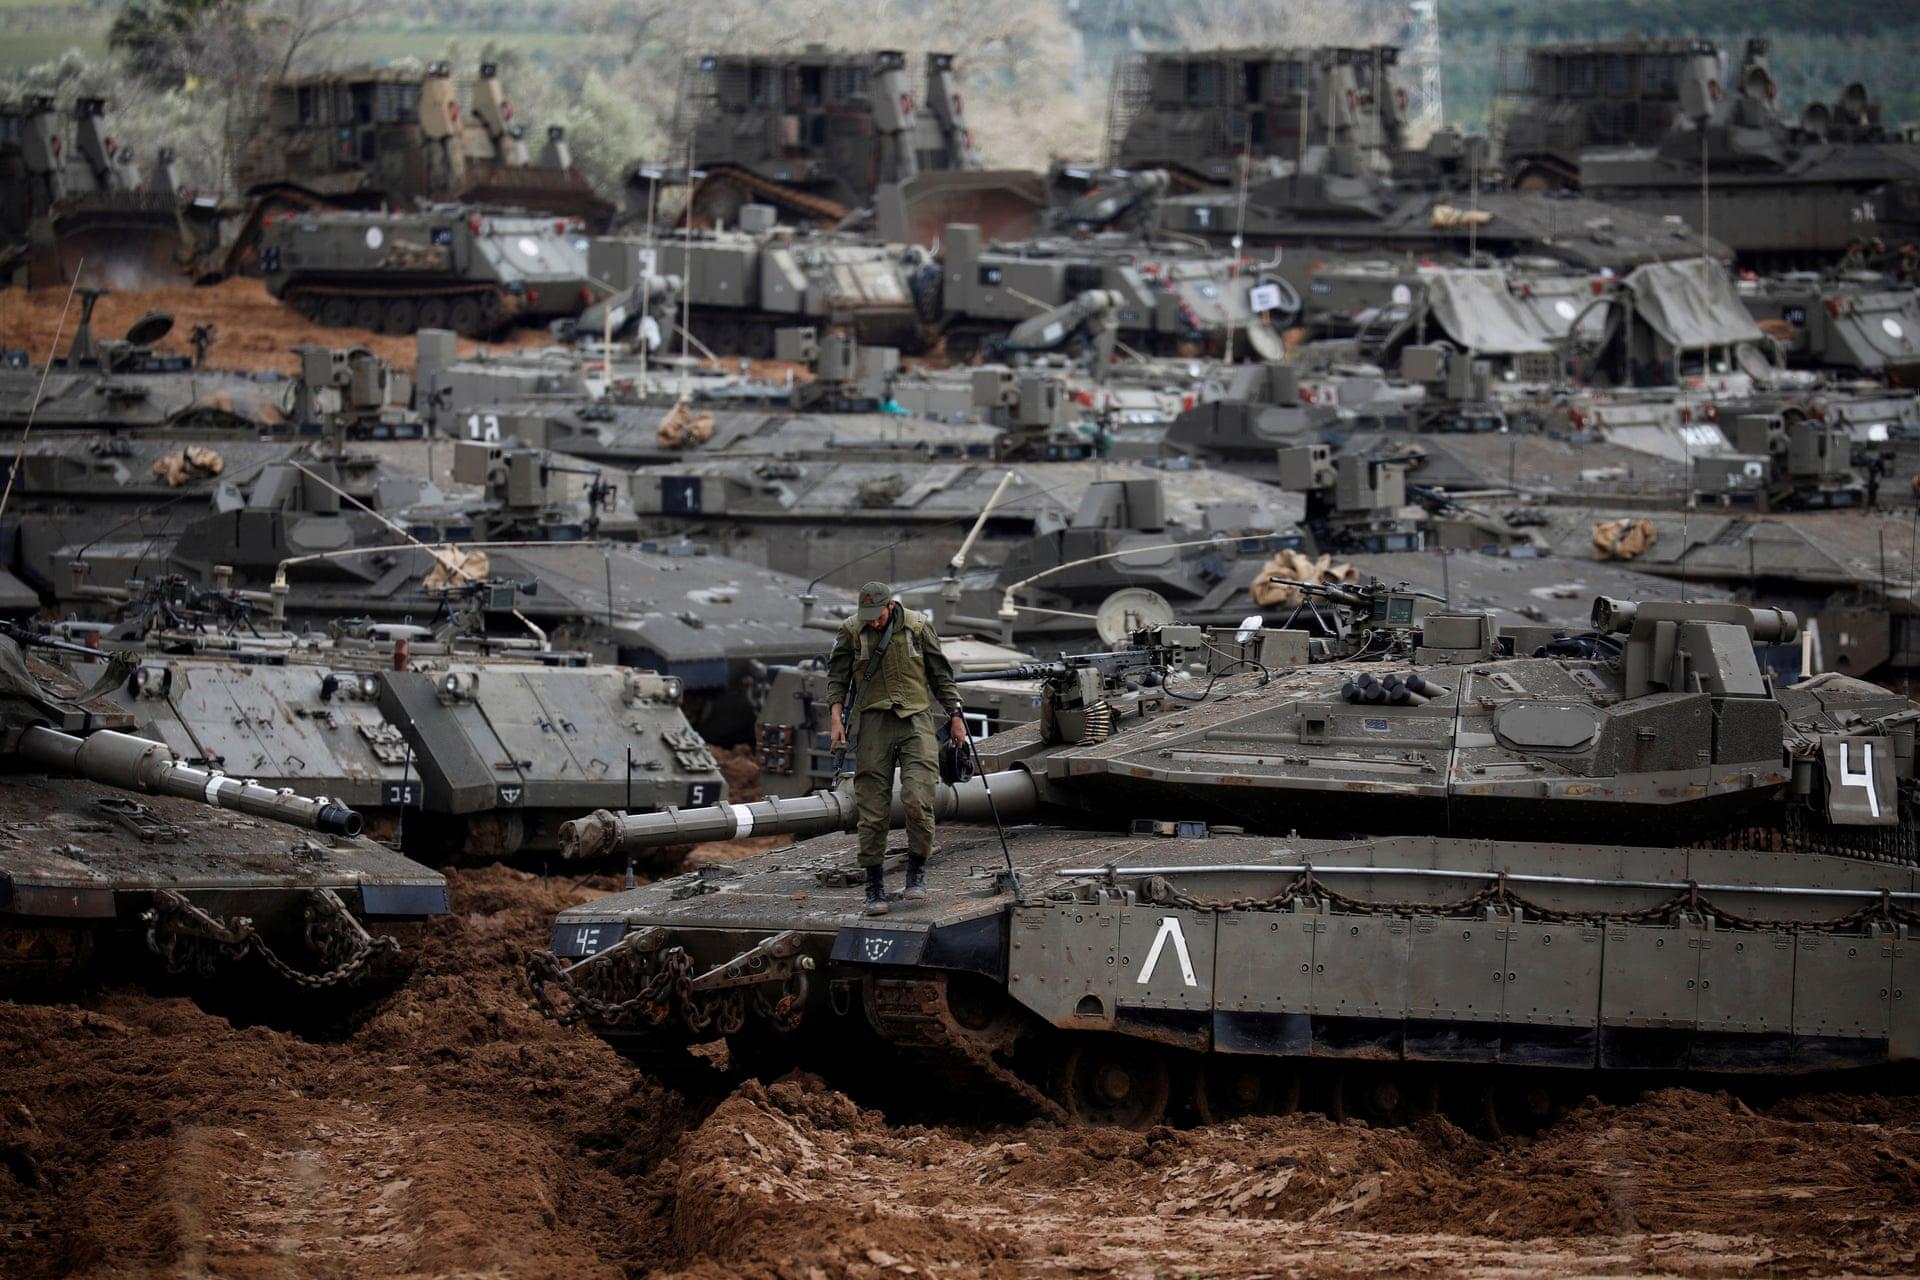 Amir Cohen/Reuters/Scanpix